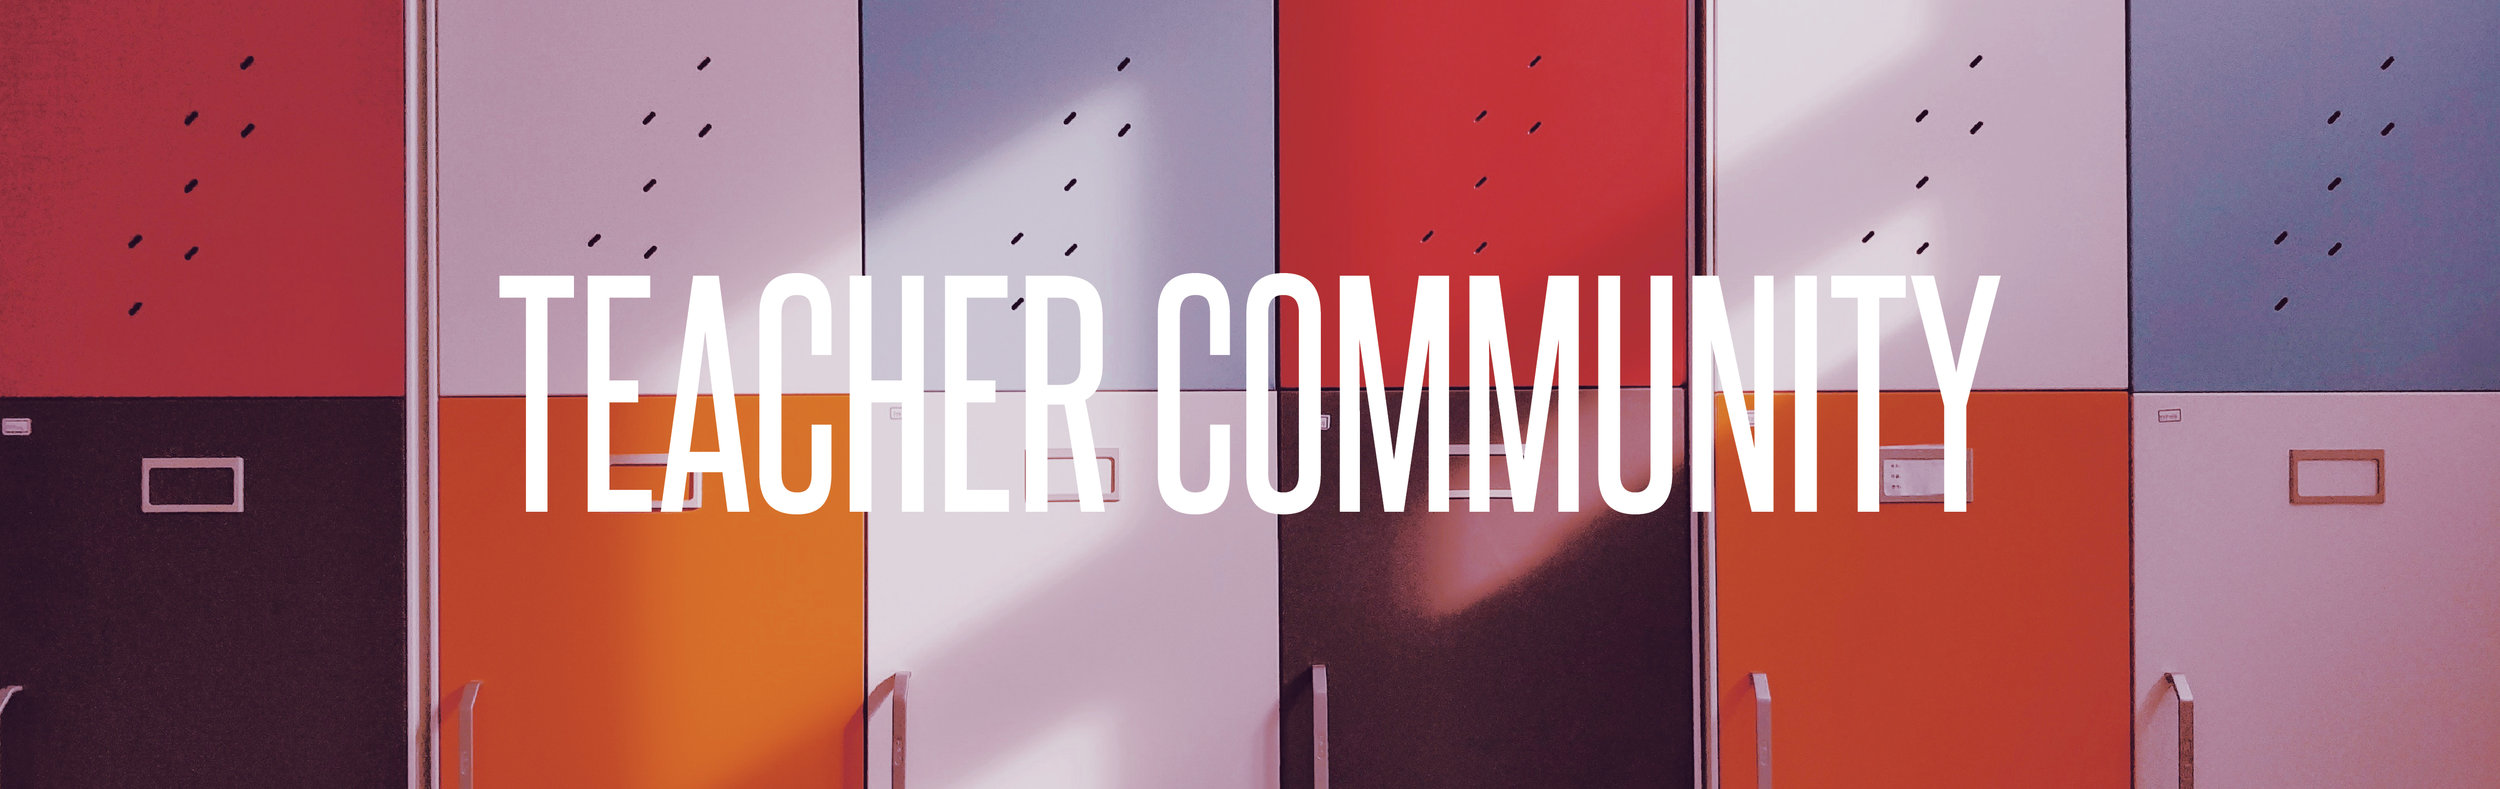 Teacher Community Header.jpg